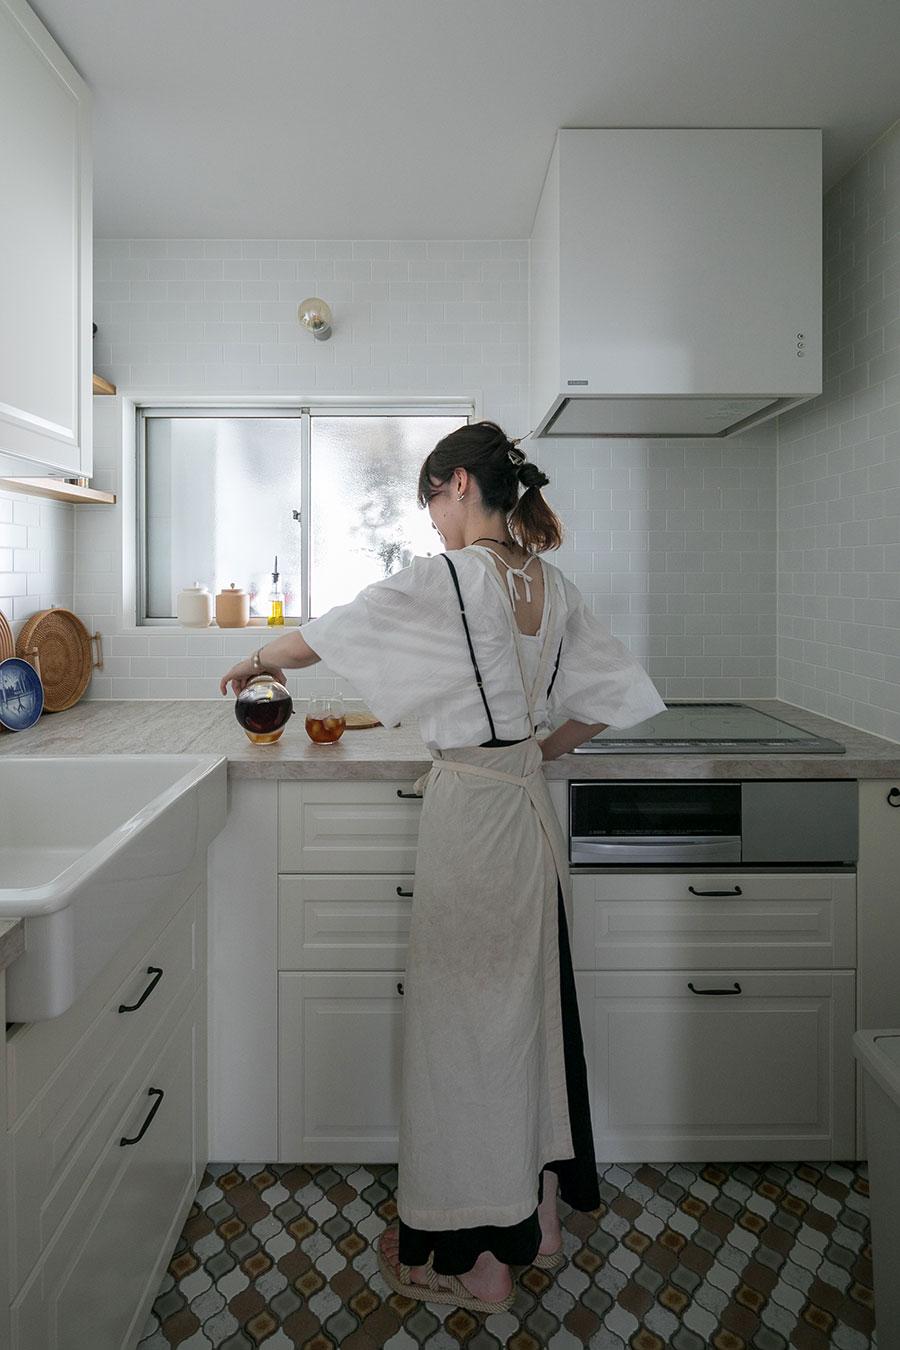 ご夫妻お気に入りのセミクローズドキッチン。ぴったり収まるL字ユニットがなくて、IKEAのI字ユニットを二つ組み合わせたそう。窓の向こうは花屋。